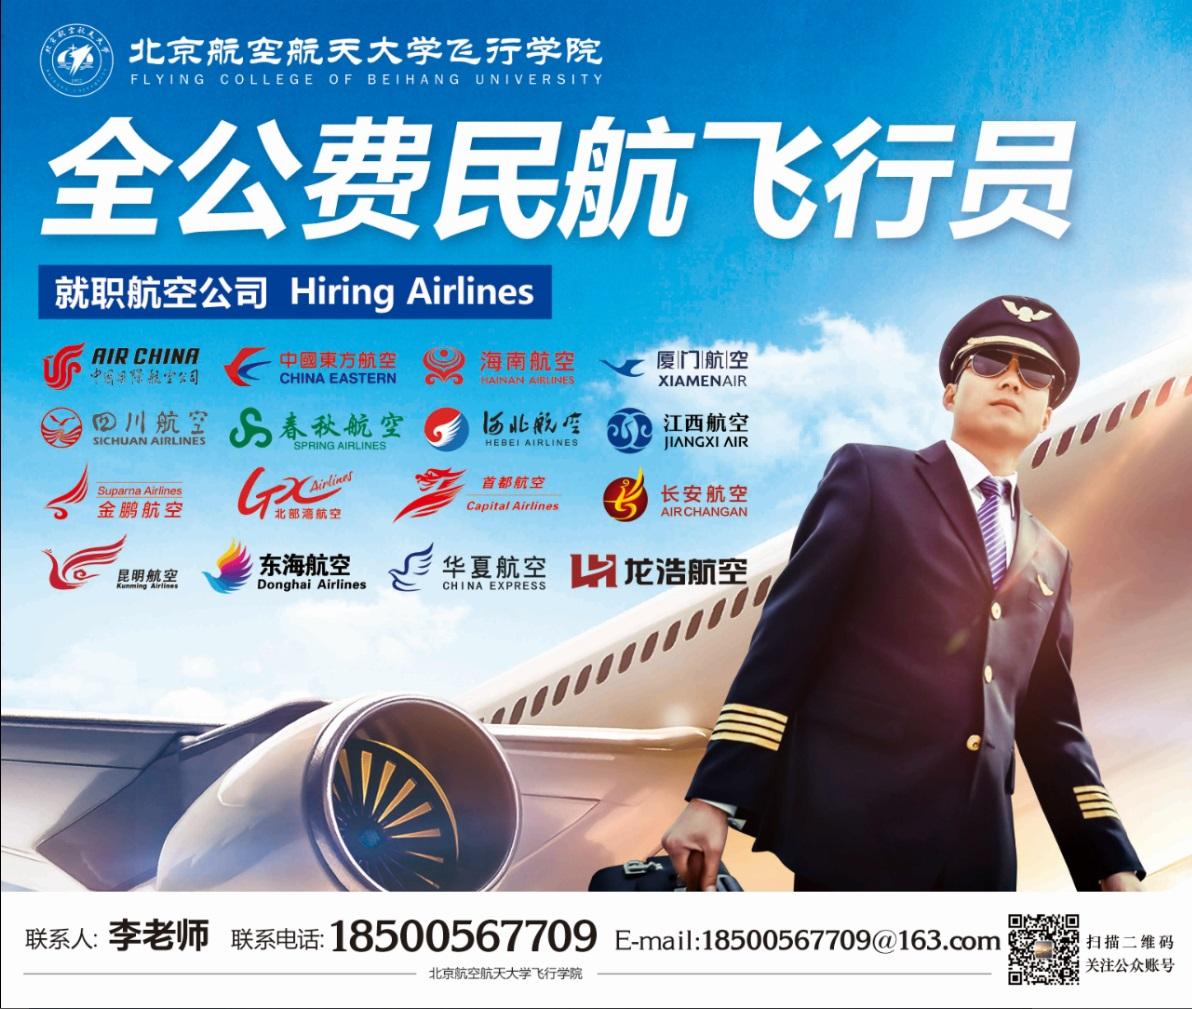 北京航空航天大学(飞行学院)宣讲会